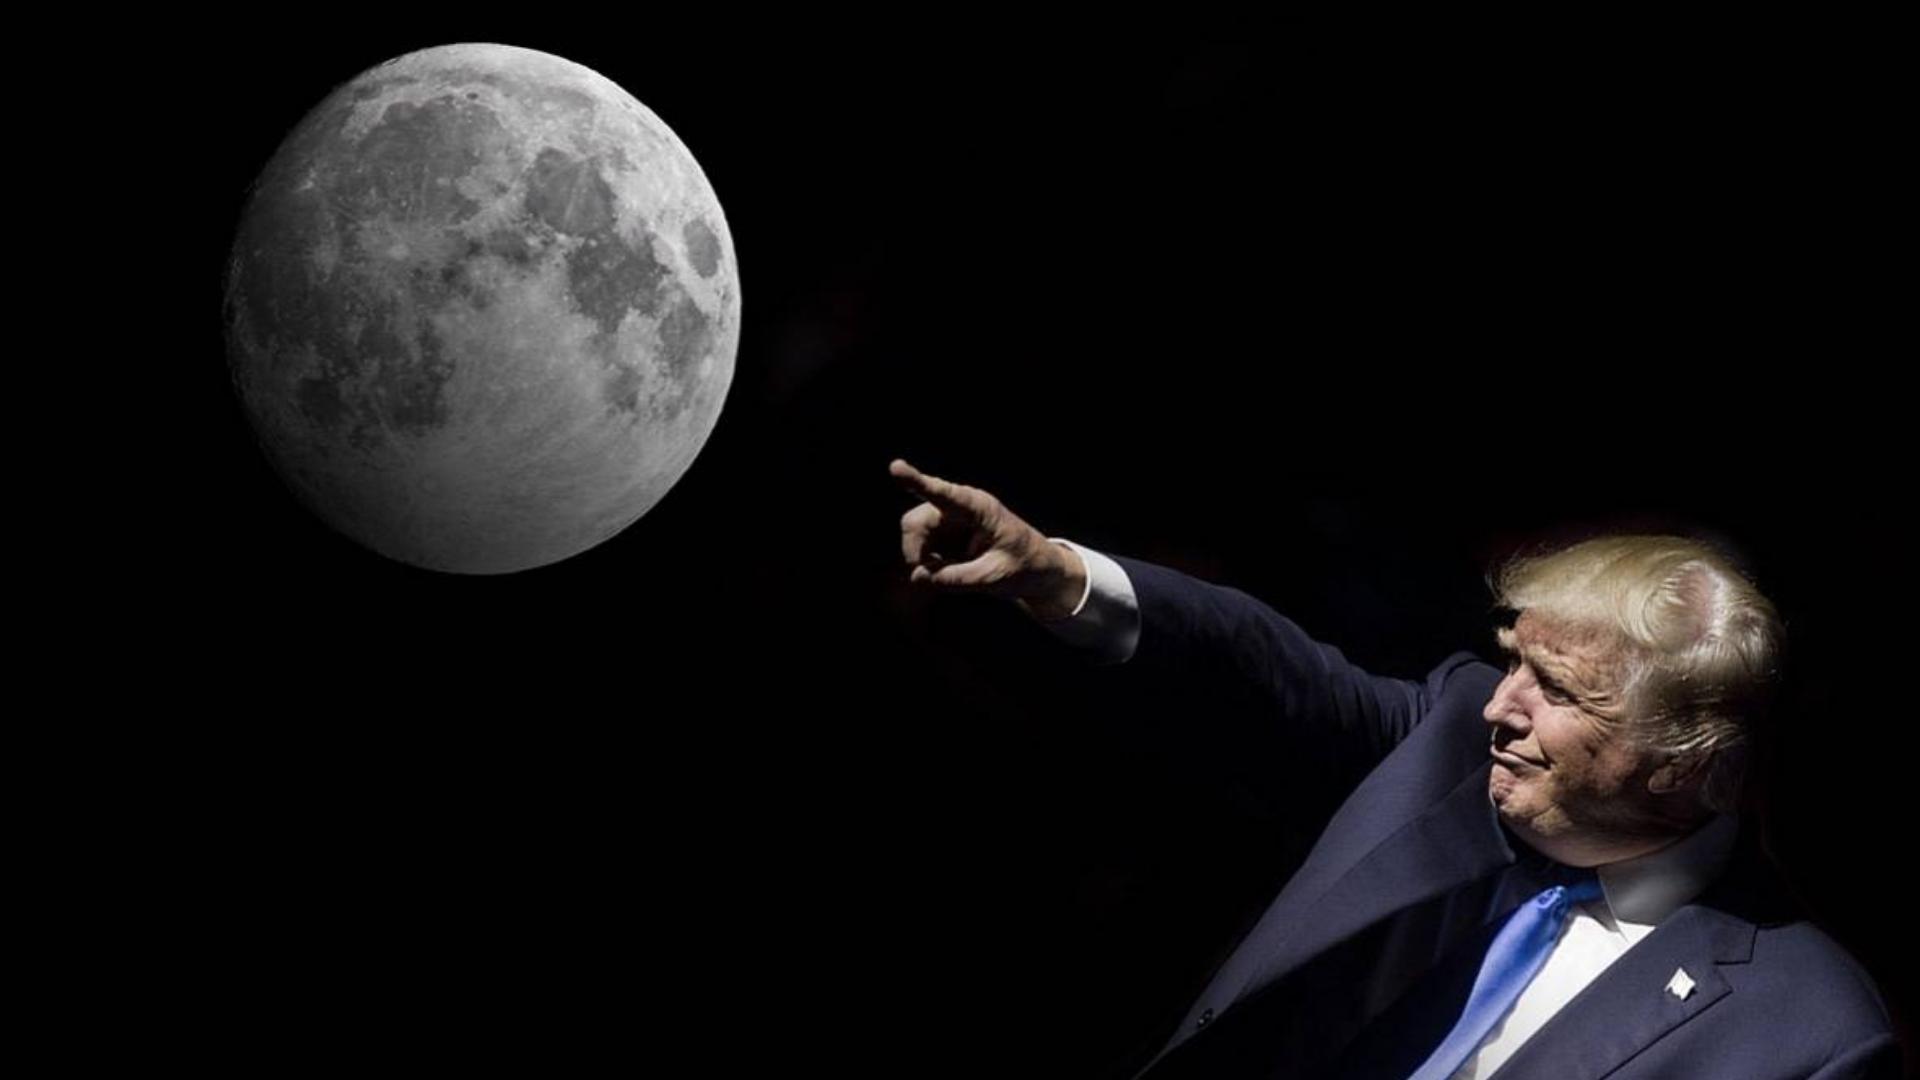 """特朗普盯上月球!起草阿尔忒弥斯协议,准备""""圈地""""采矿立规矩!"""